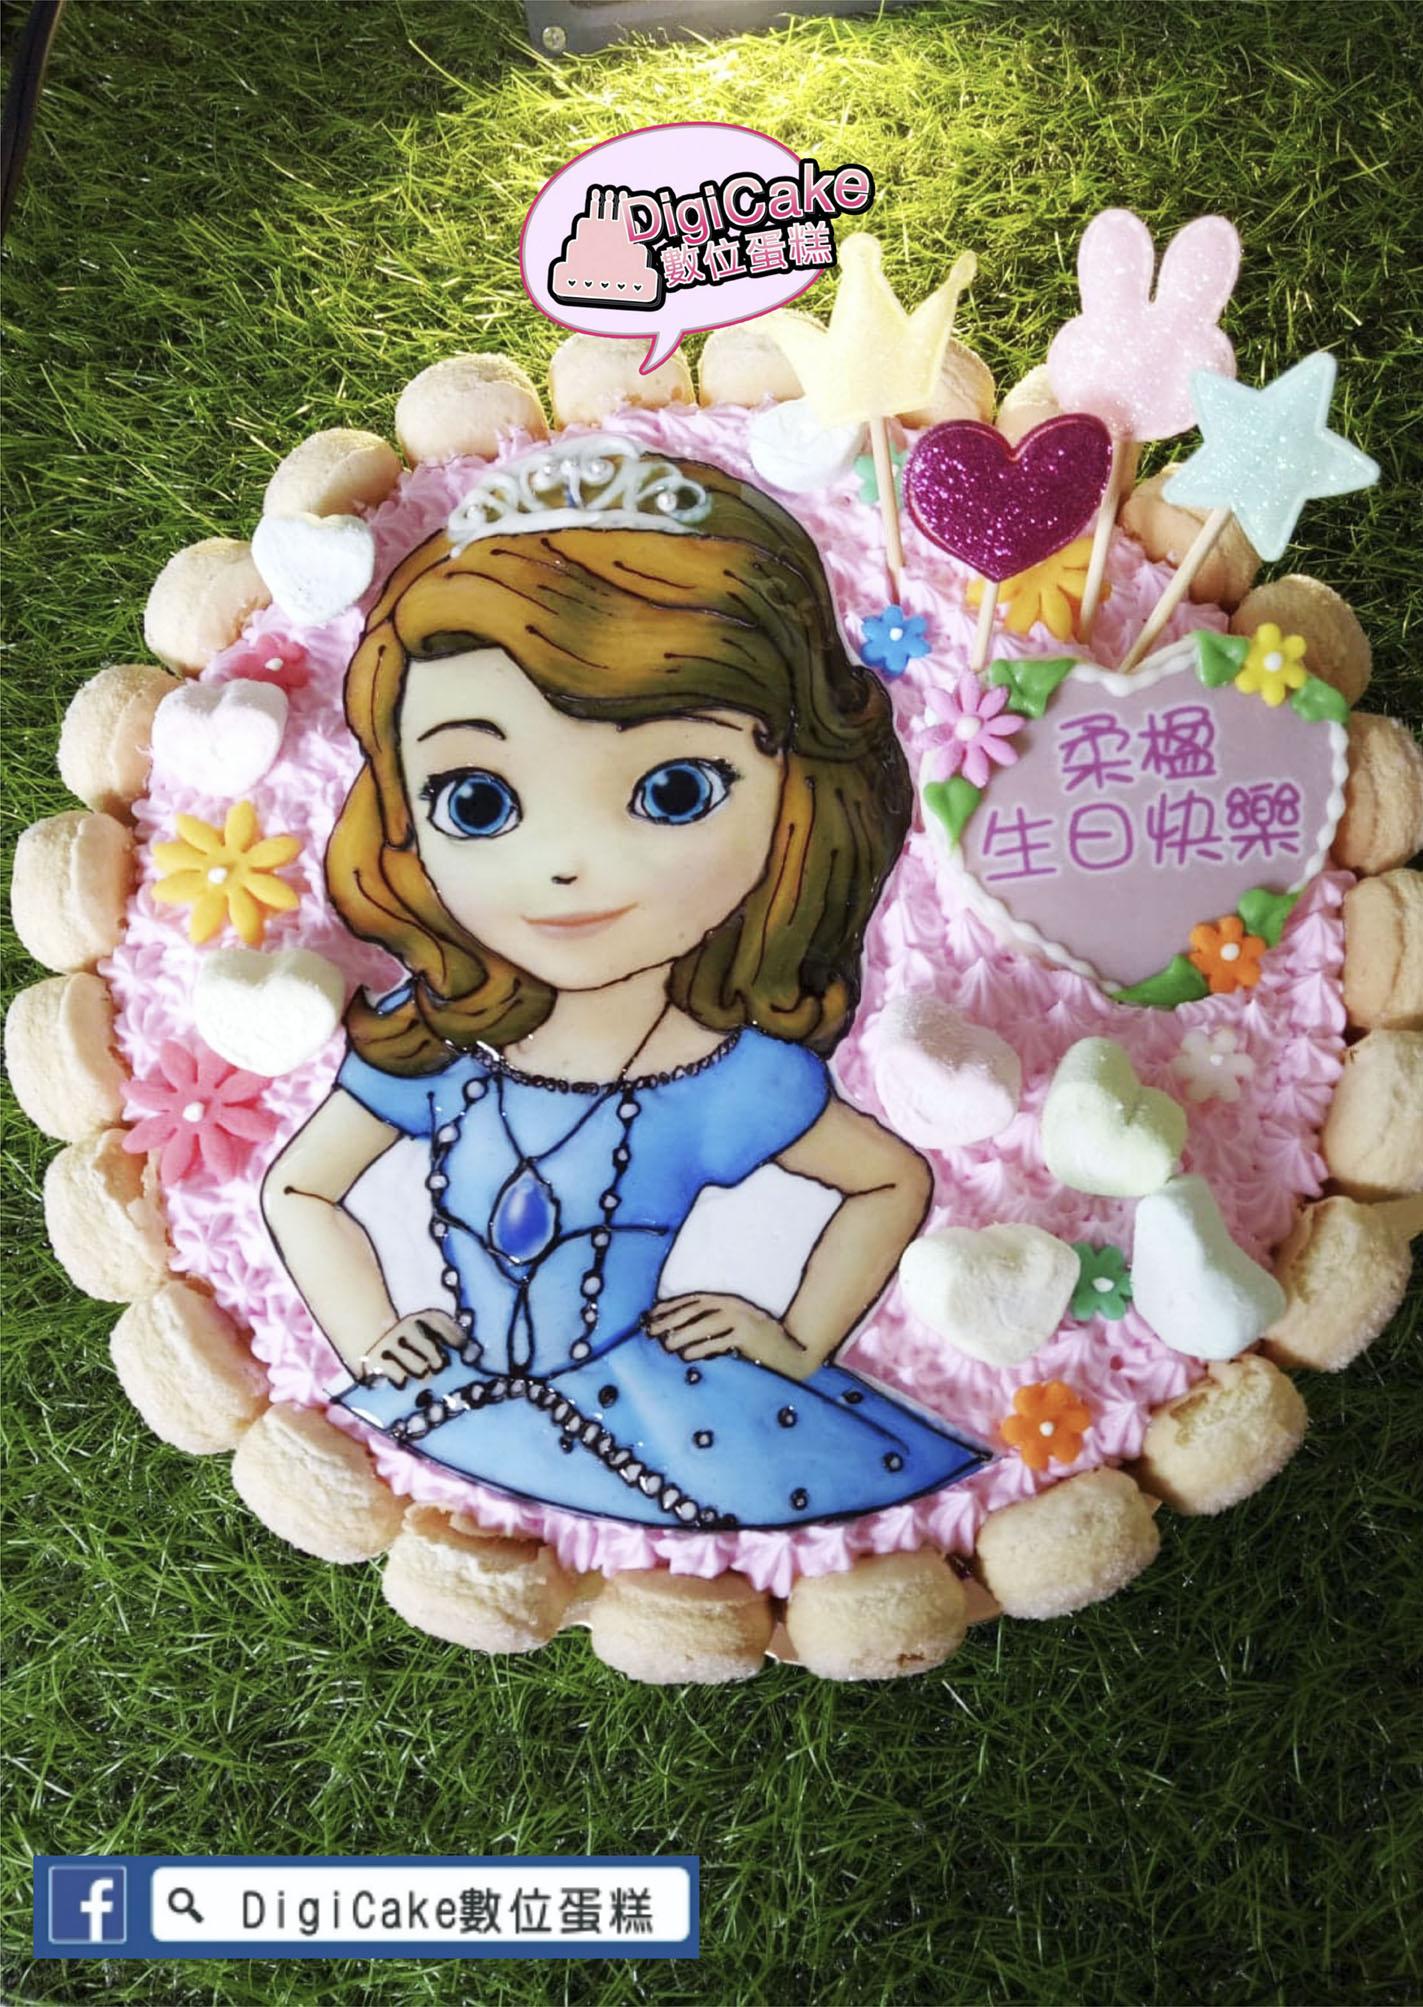 點此進入手繪索菲亞公主蛋糕(手指餅乾圍邊)的詳細資料!